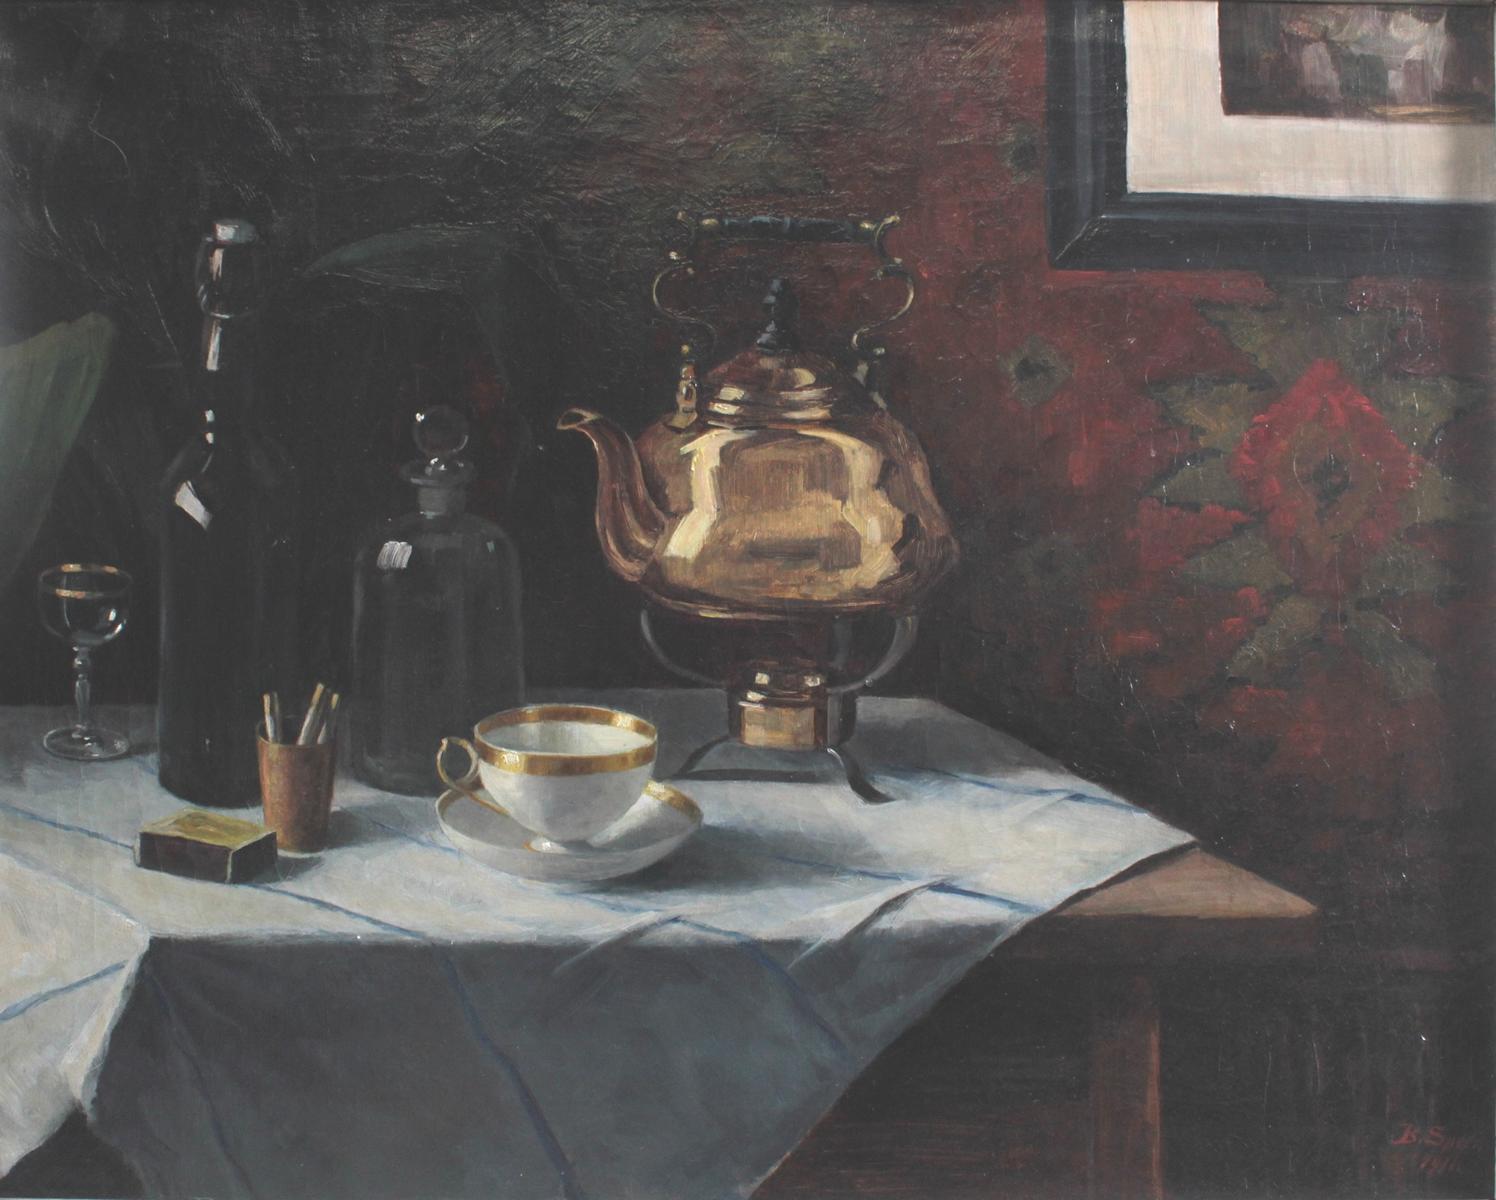 B. Speer. Stillleben mit Tee-Gedeck, Samovar, Zigaretten und Flaschen.-2